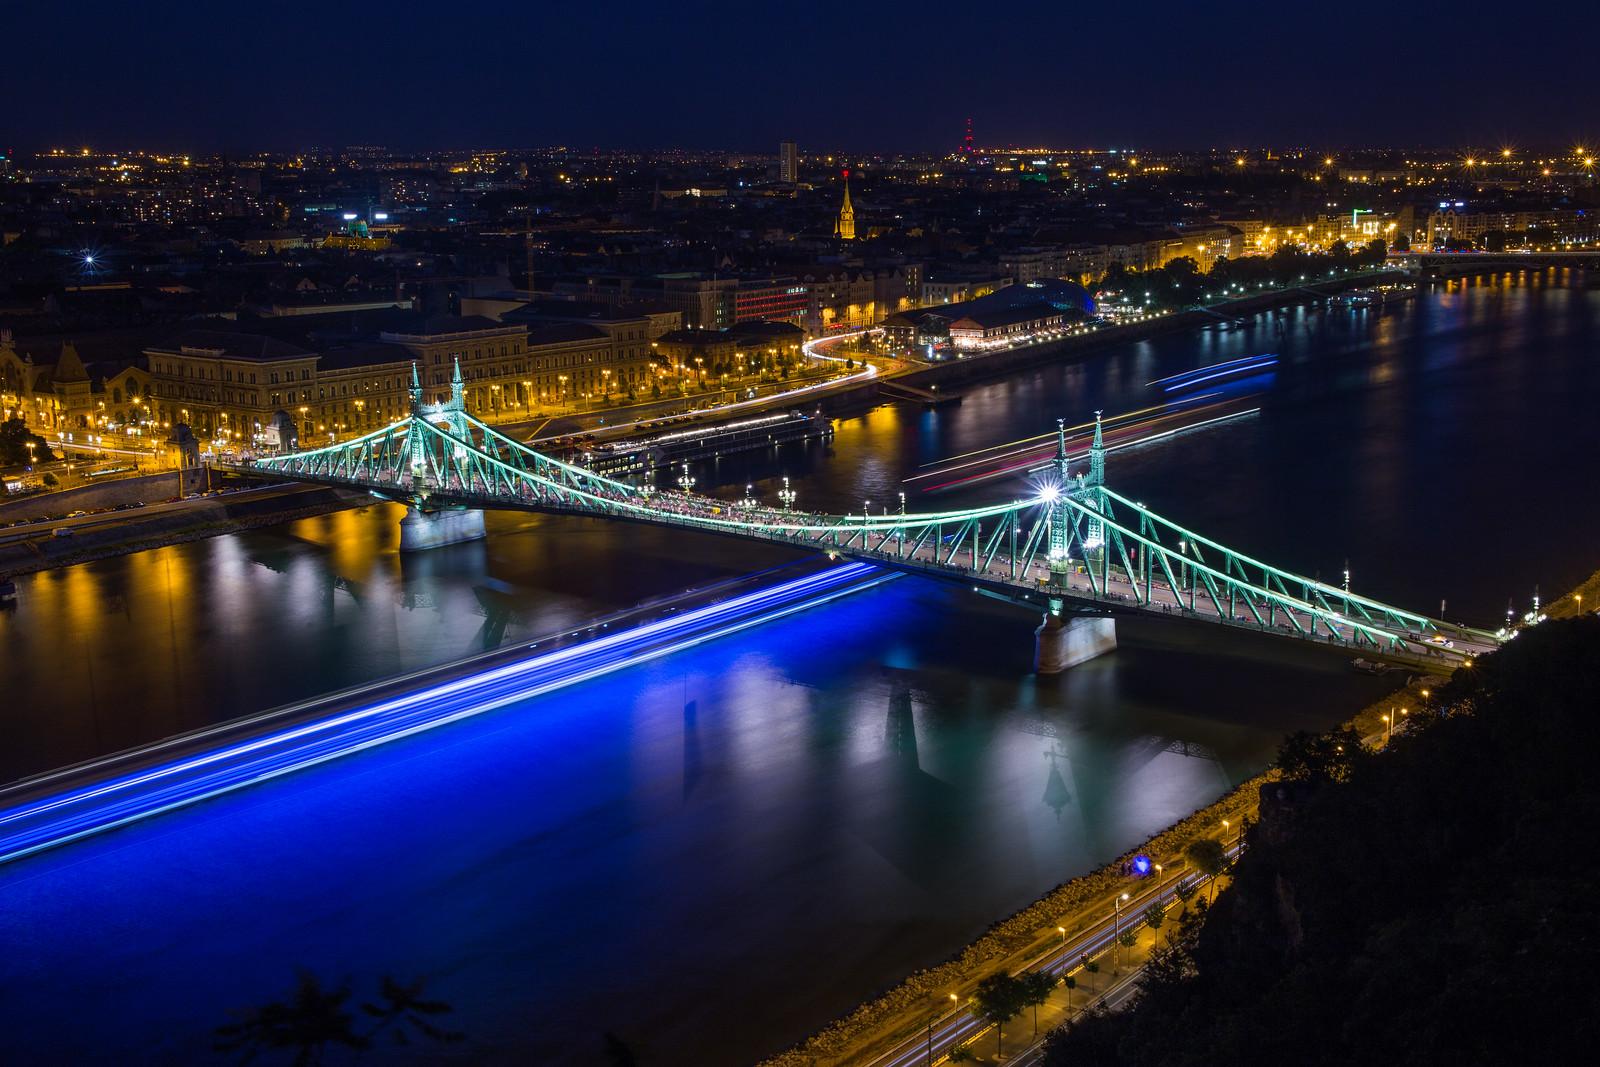 hajók fénycsíkjai a szabadság híd alatt